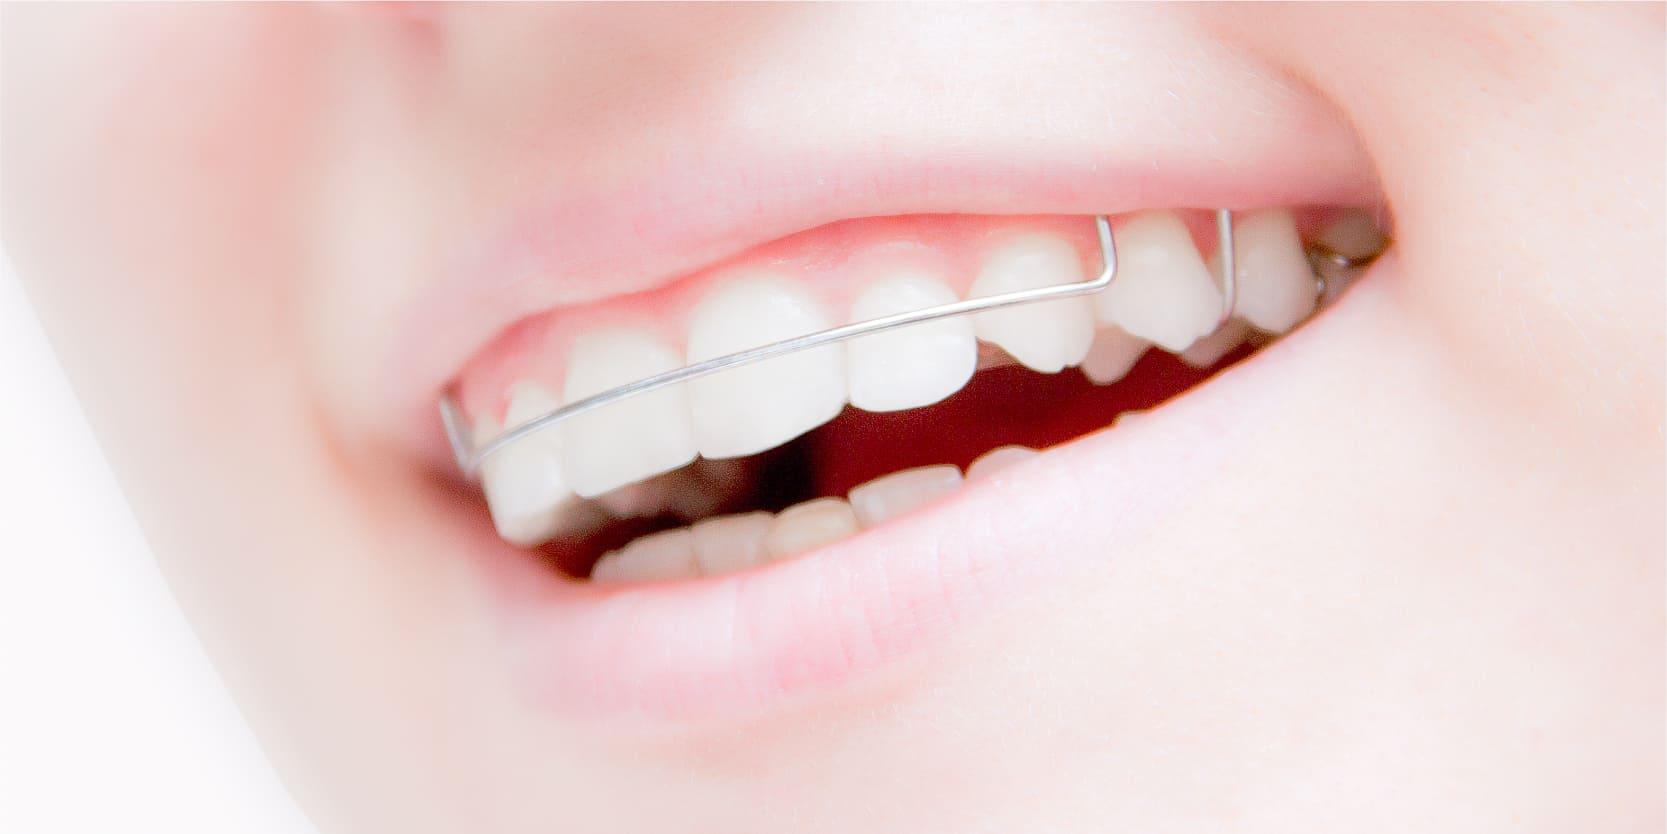 患者様にマッチした方法できれいな歯並びを